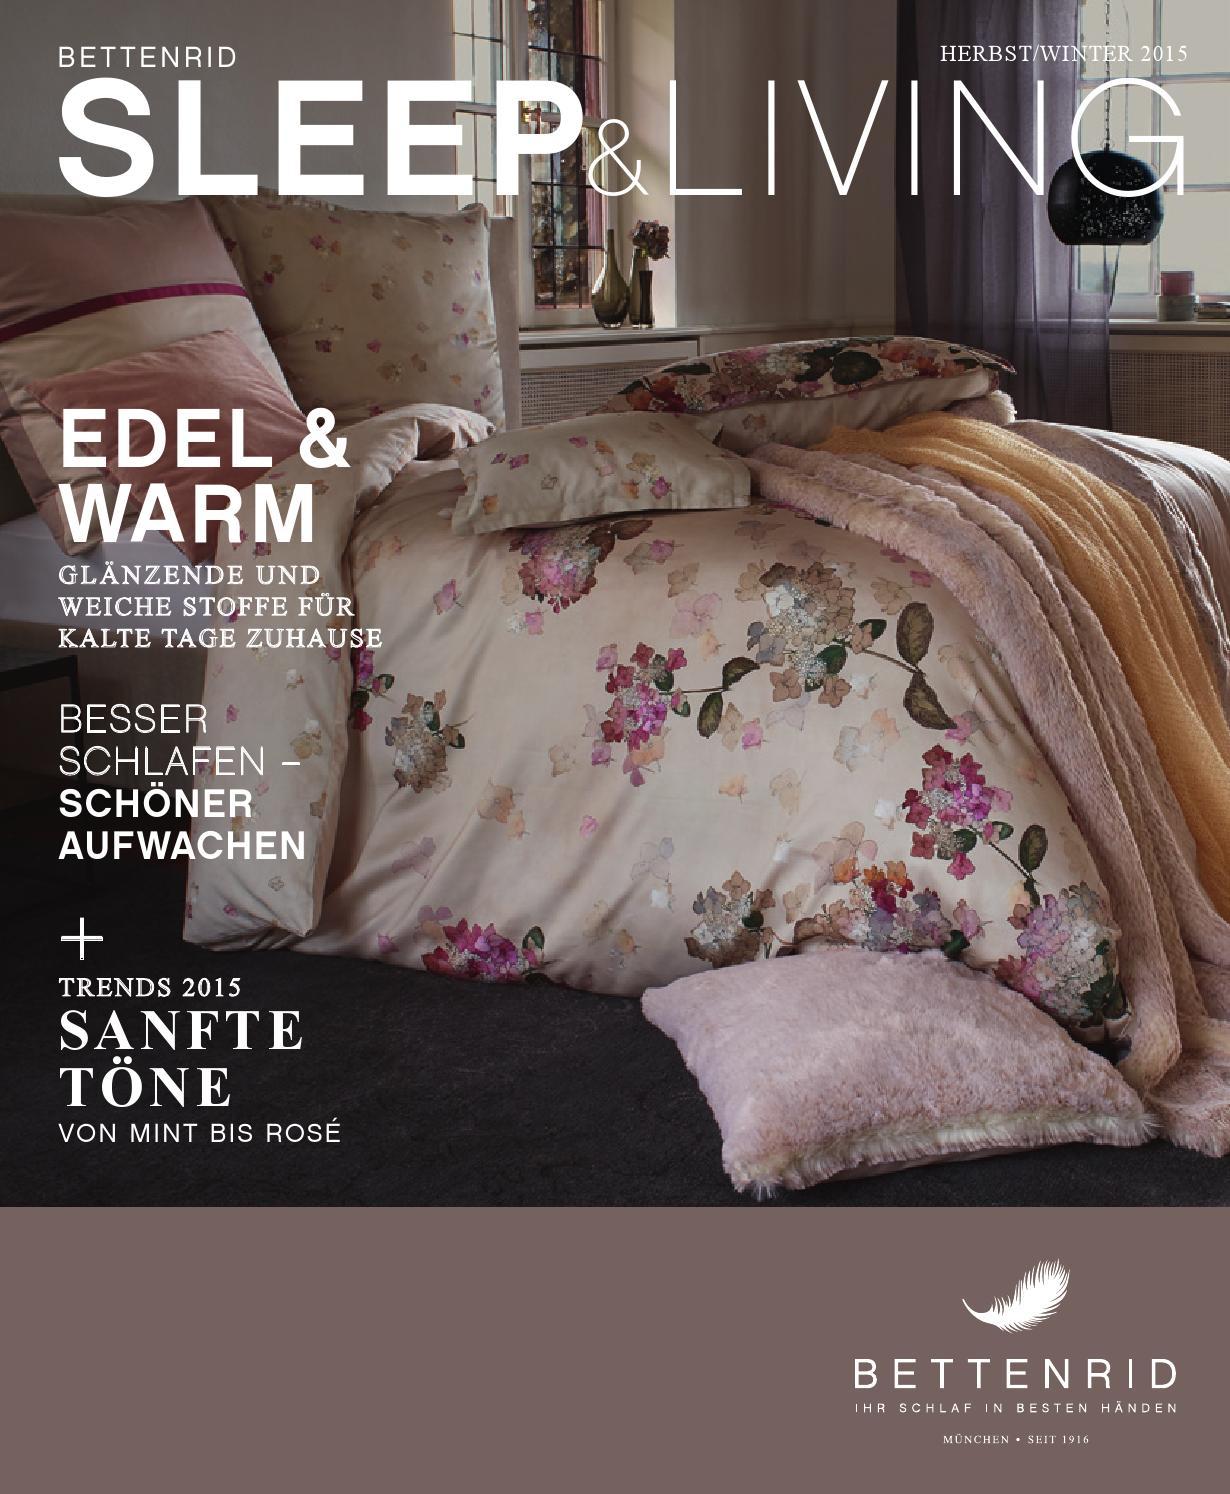 Bettenrid: Sleep & Living Herbst/winter 2015 By Bettenrid Gmbh - Issuu Stoff Fur Bettwasche Worauf Achten